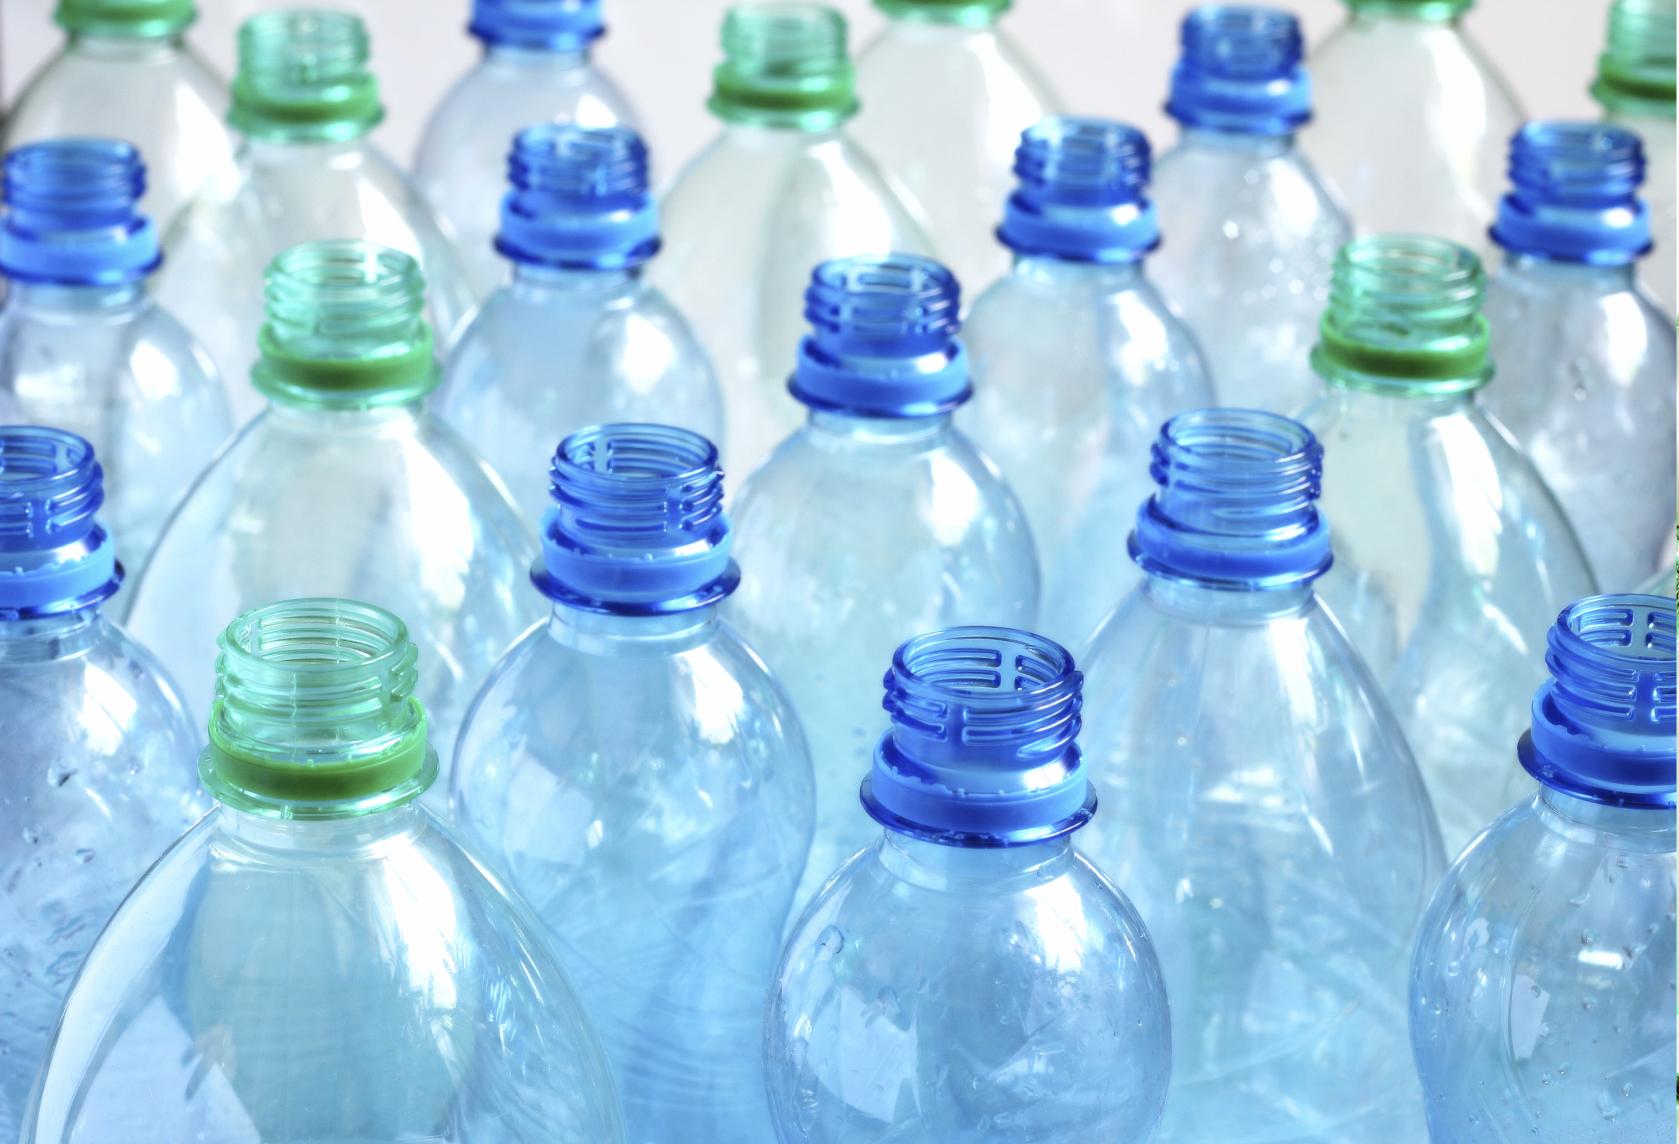 Europa schiet met scherp op plastic